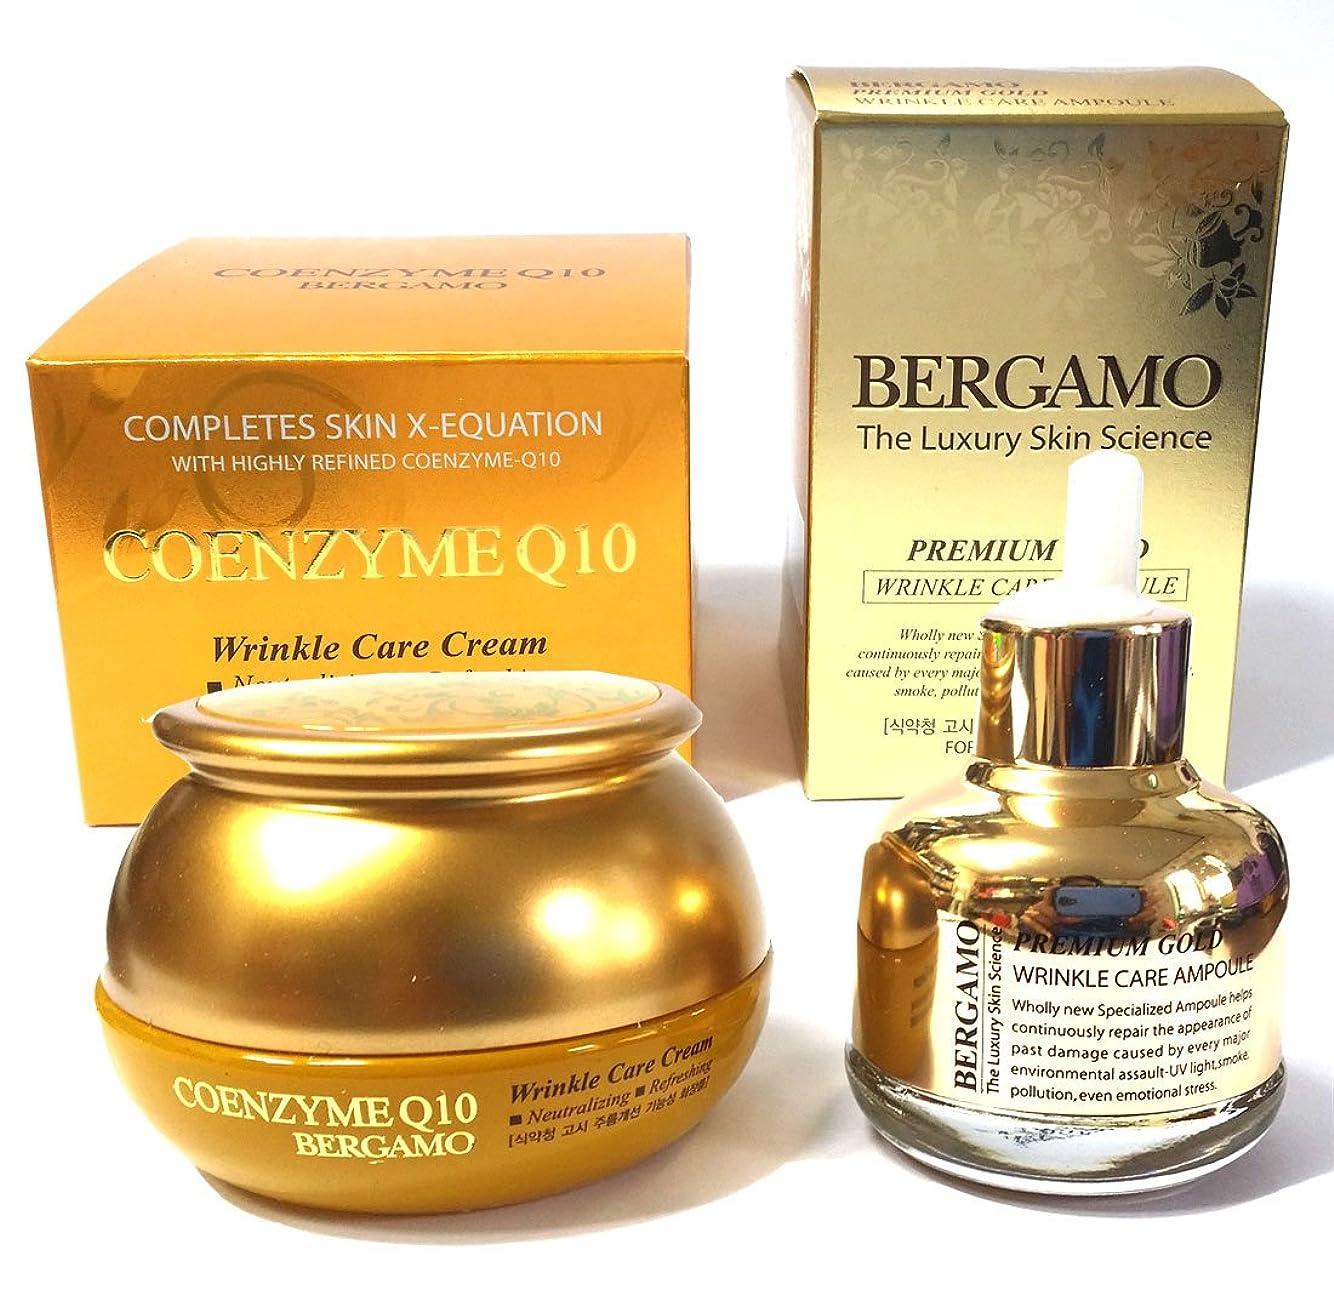 チャンス汗気怠い[Bergamo] モーゼルコエンザイムQ10クリーム50g&ラグジュアリースキンサイエンスプレミアムゴールドアンプル30ml /弾力性、水分/韓国化粧品 / Moselle Coenzyme Q10 Cream 50g & Luxury Skin Science Premium Gold Ampoule 30ml / Elasticity,Moisture / Korean Cosmetics [並行輸入品]